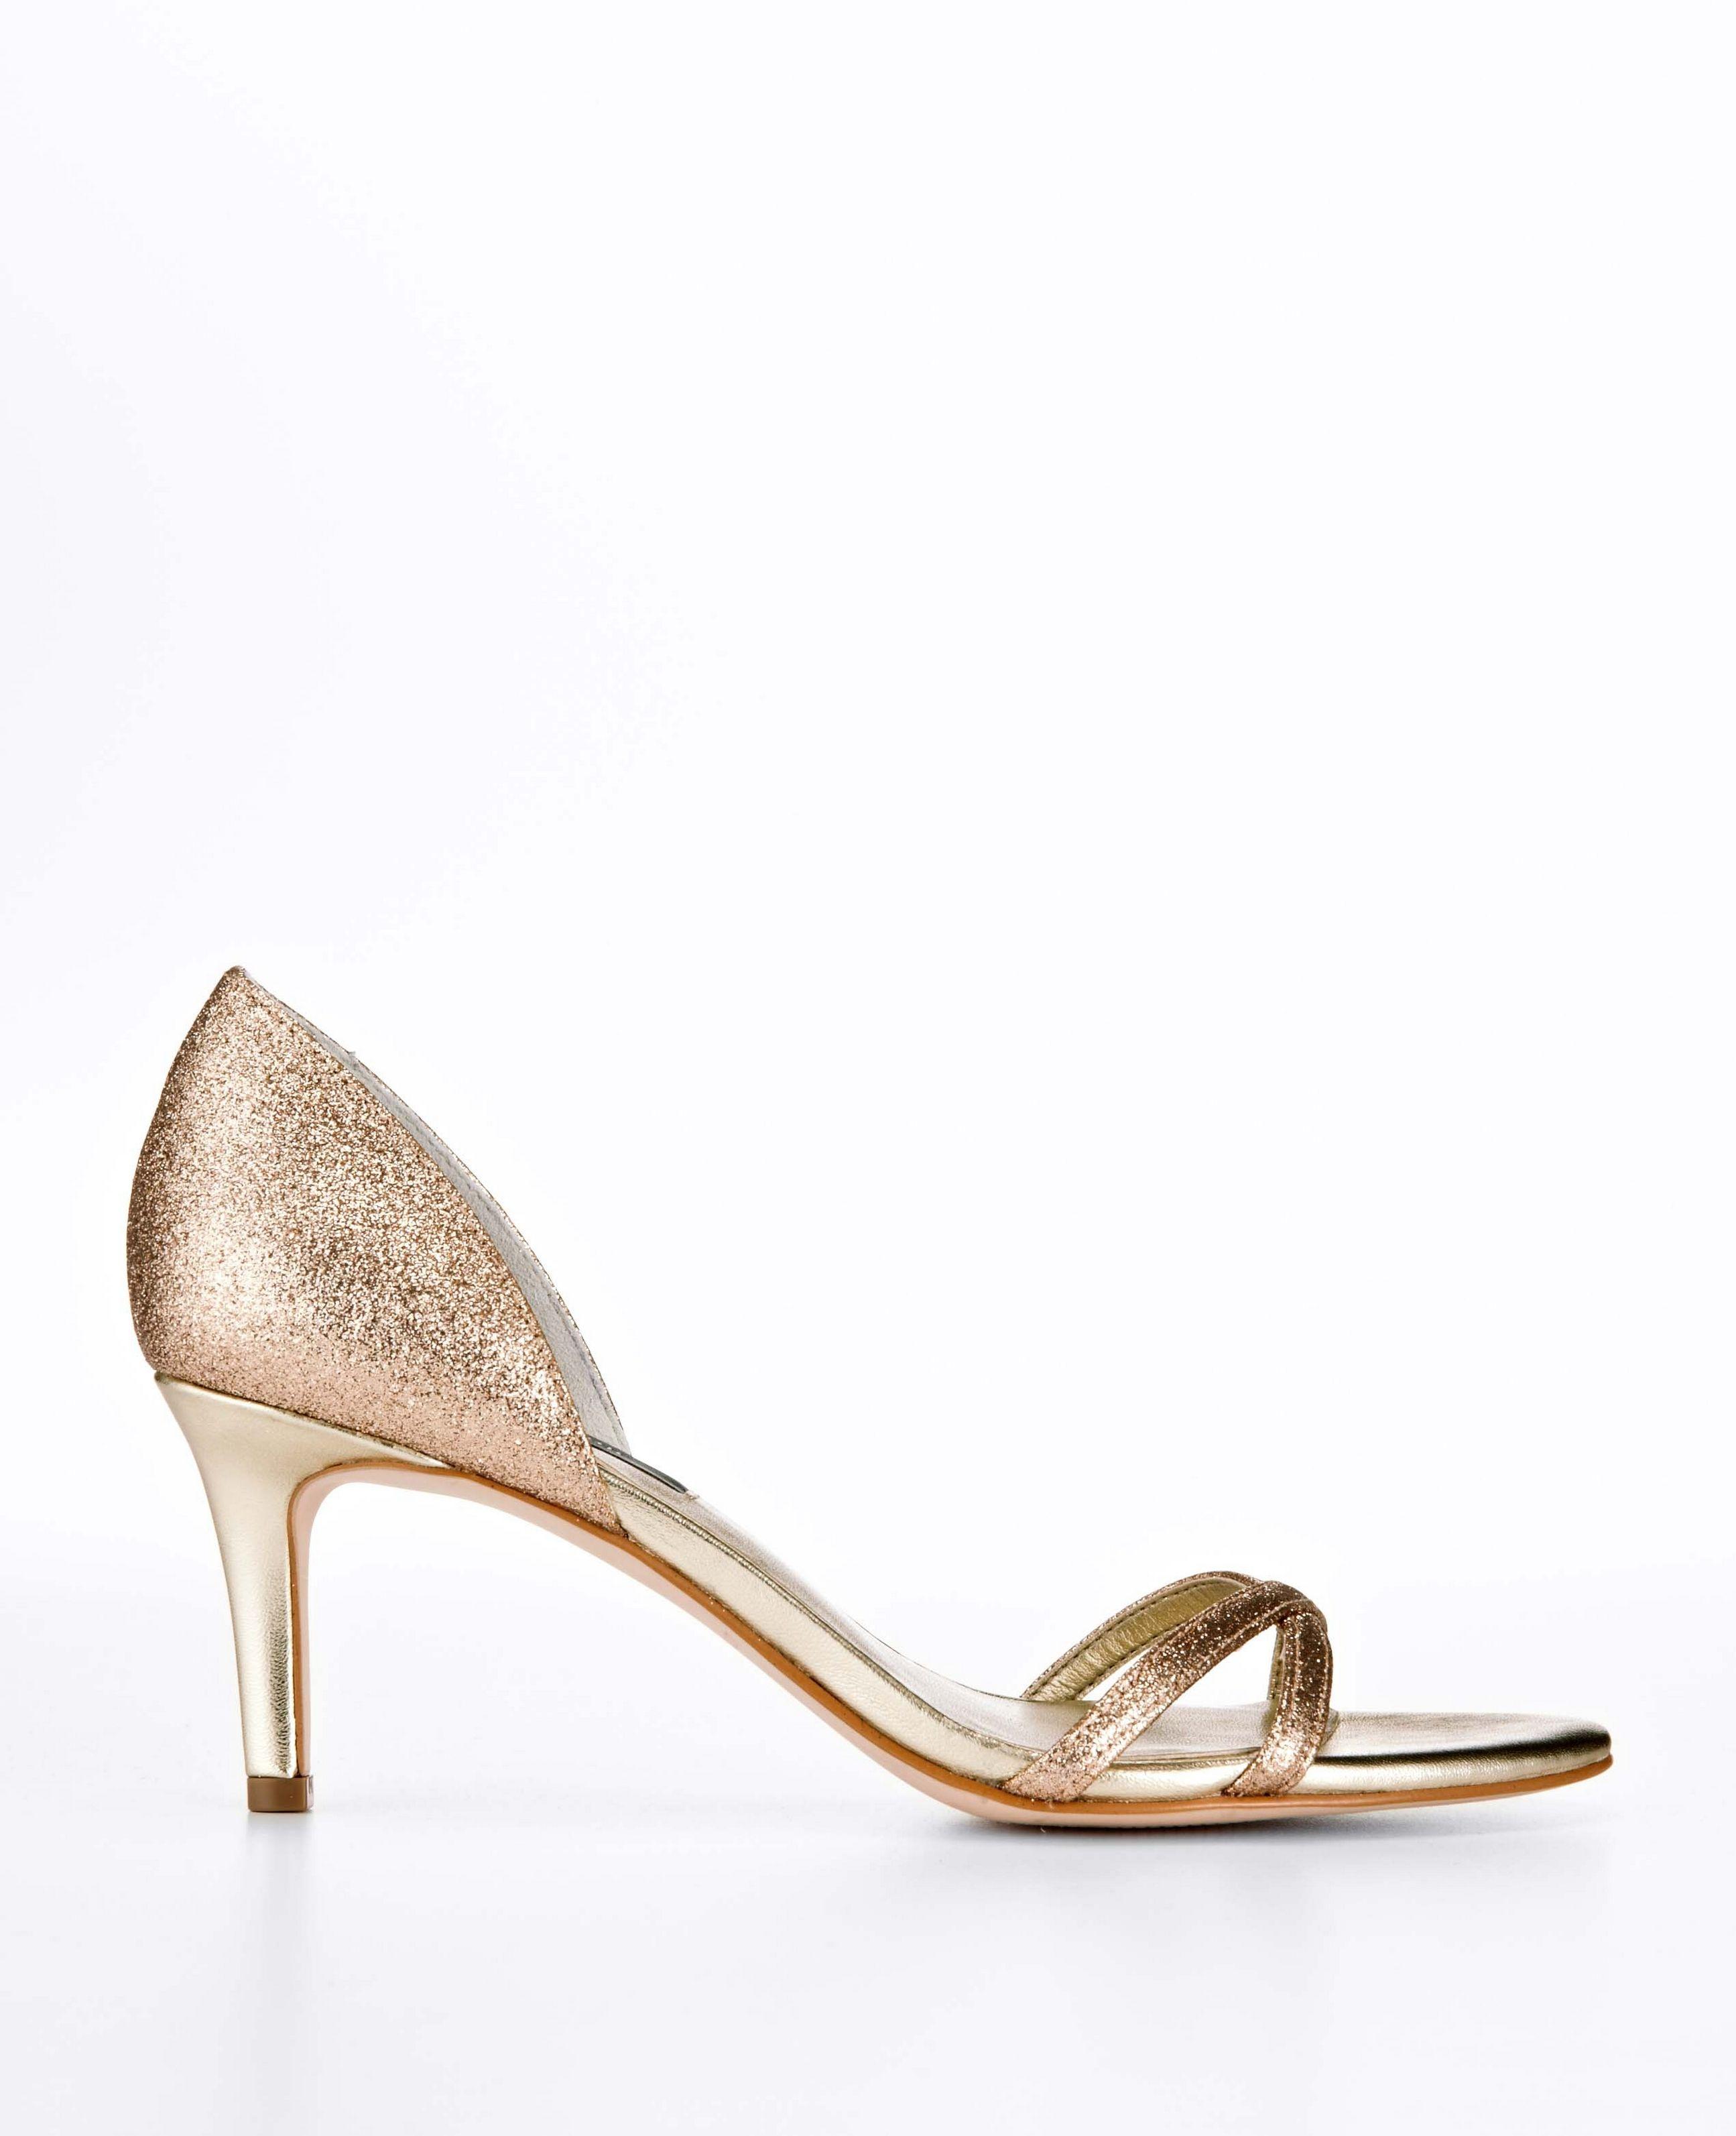 100 Beautiful Golden Shoes Heel Ideas Kitten Heel Sandals Metallic Strappy Heels Gold Kitten Heels